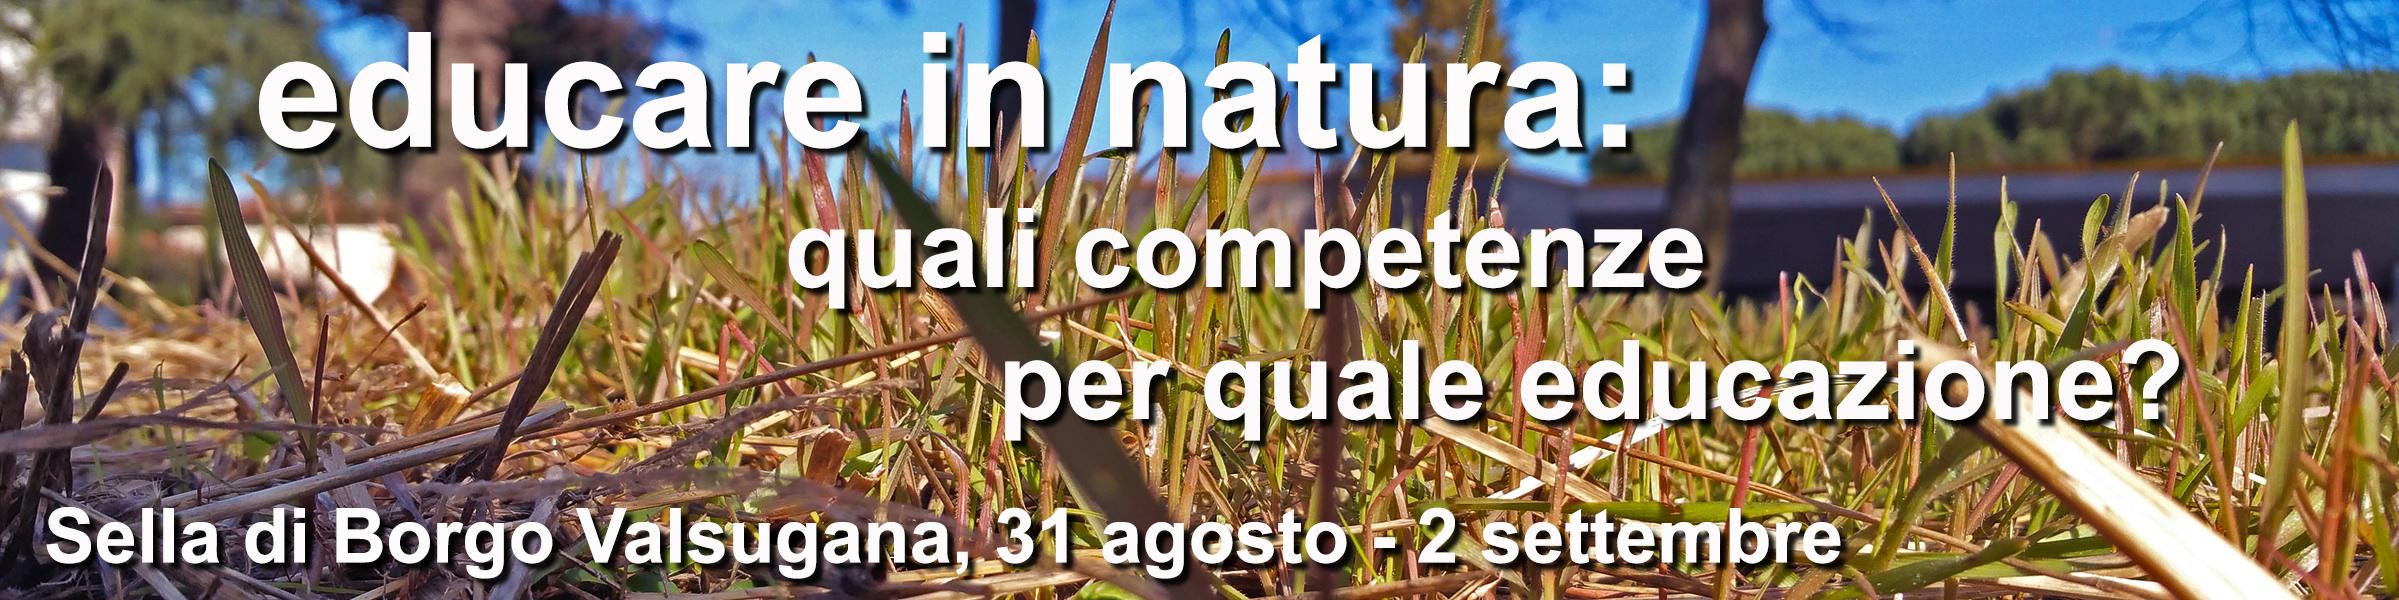 Educare in natura